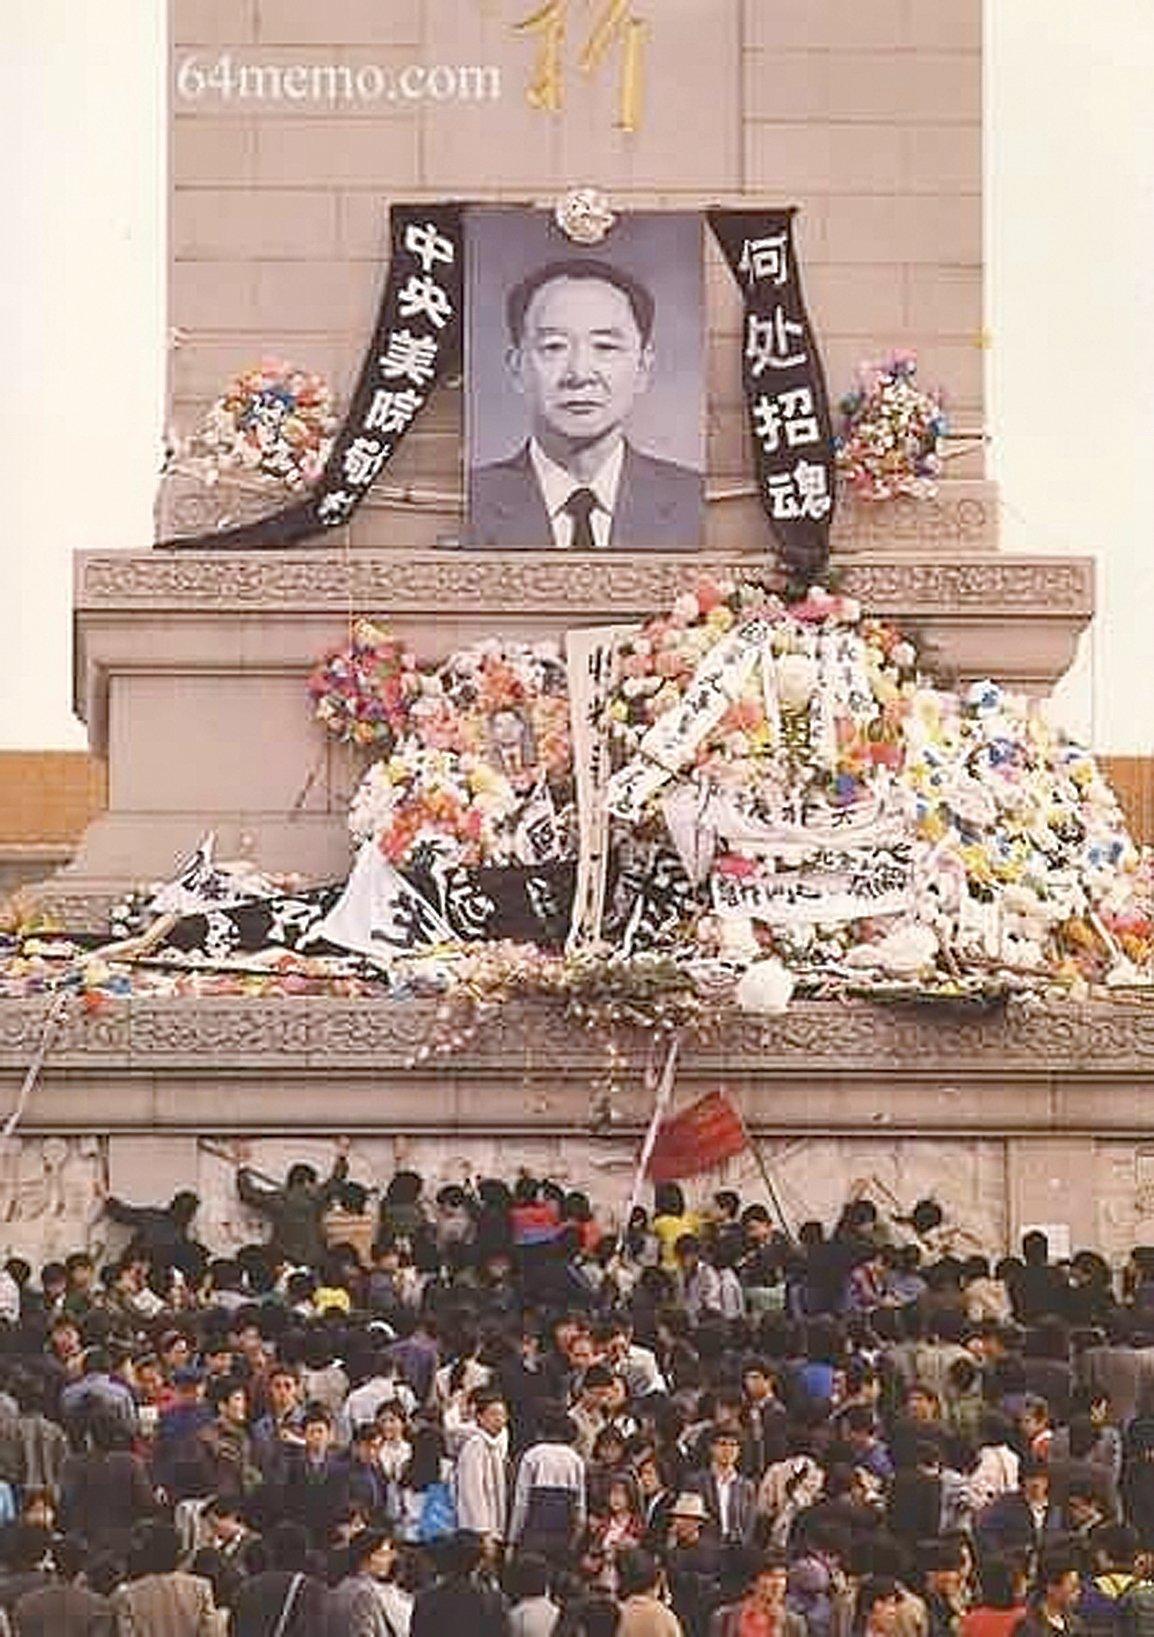 中共前總書記胡耀邦之妻李昭3月11日去世。1989年4月胡耀邦的猝死,引發了「六四」事件。(網絡圖片)